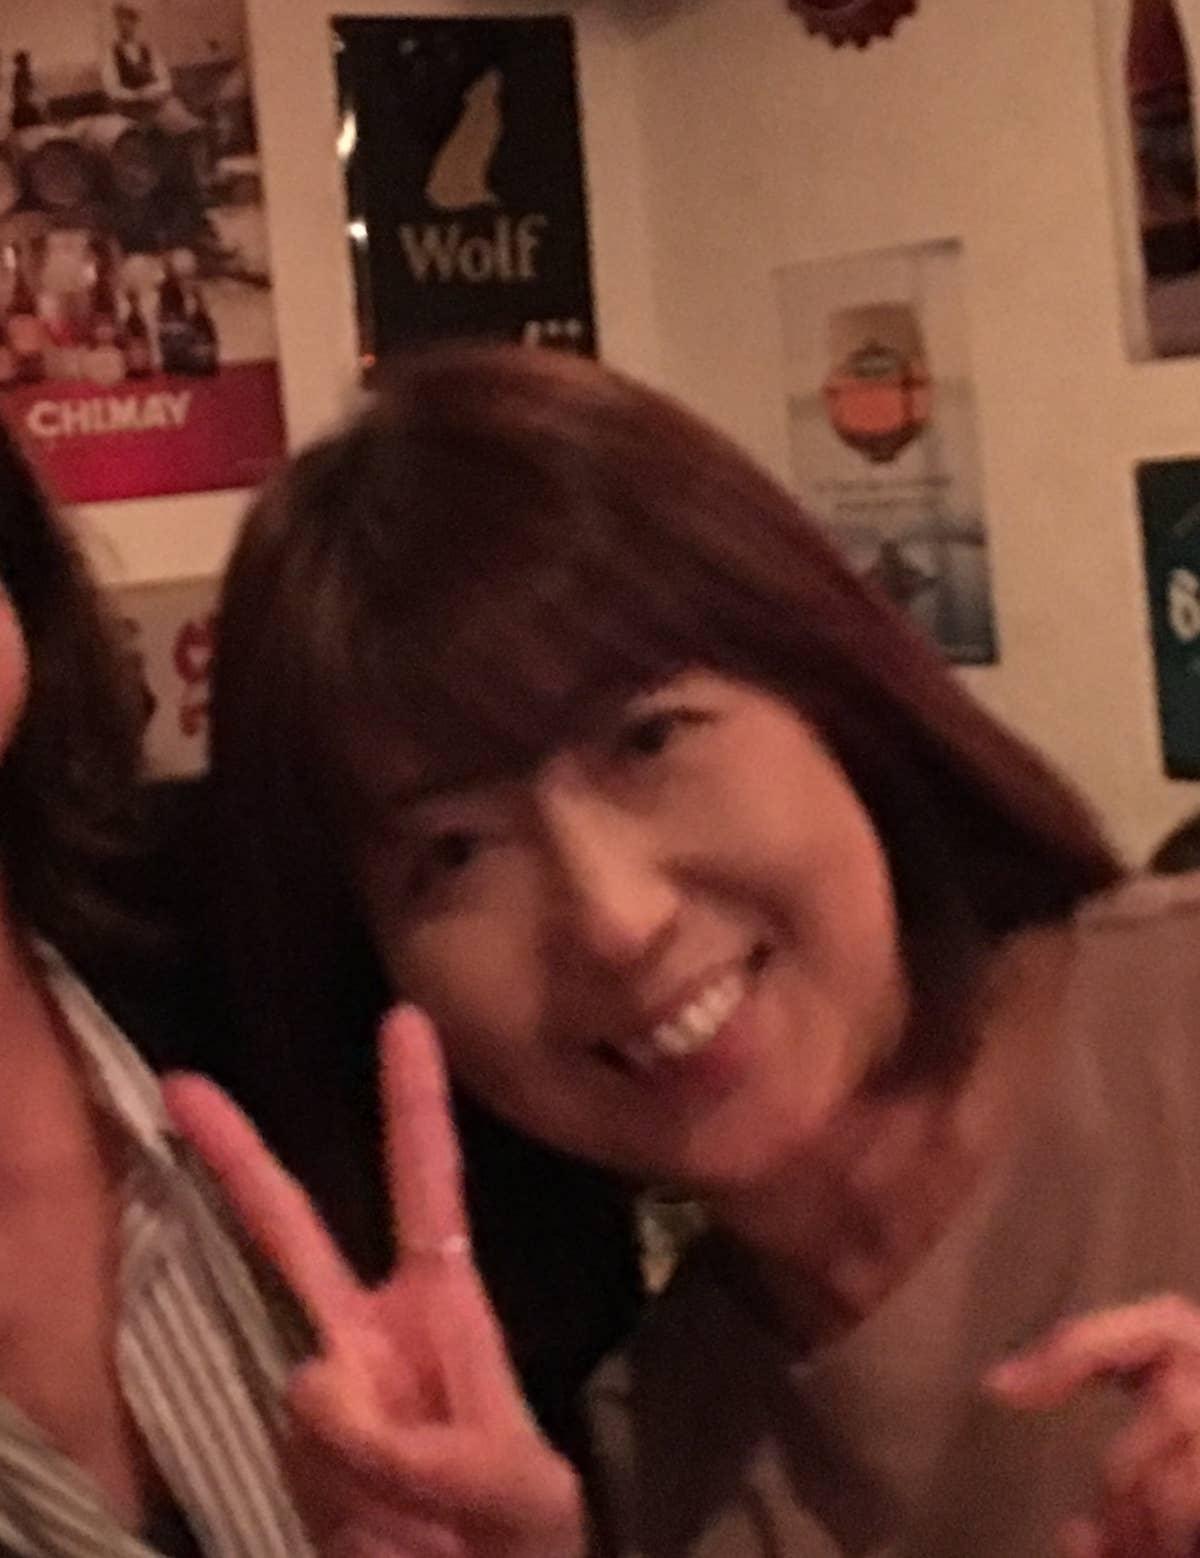 c.Inoue